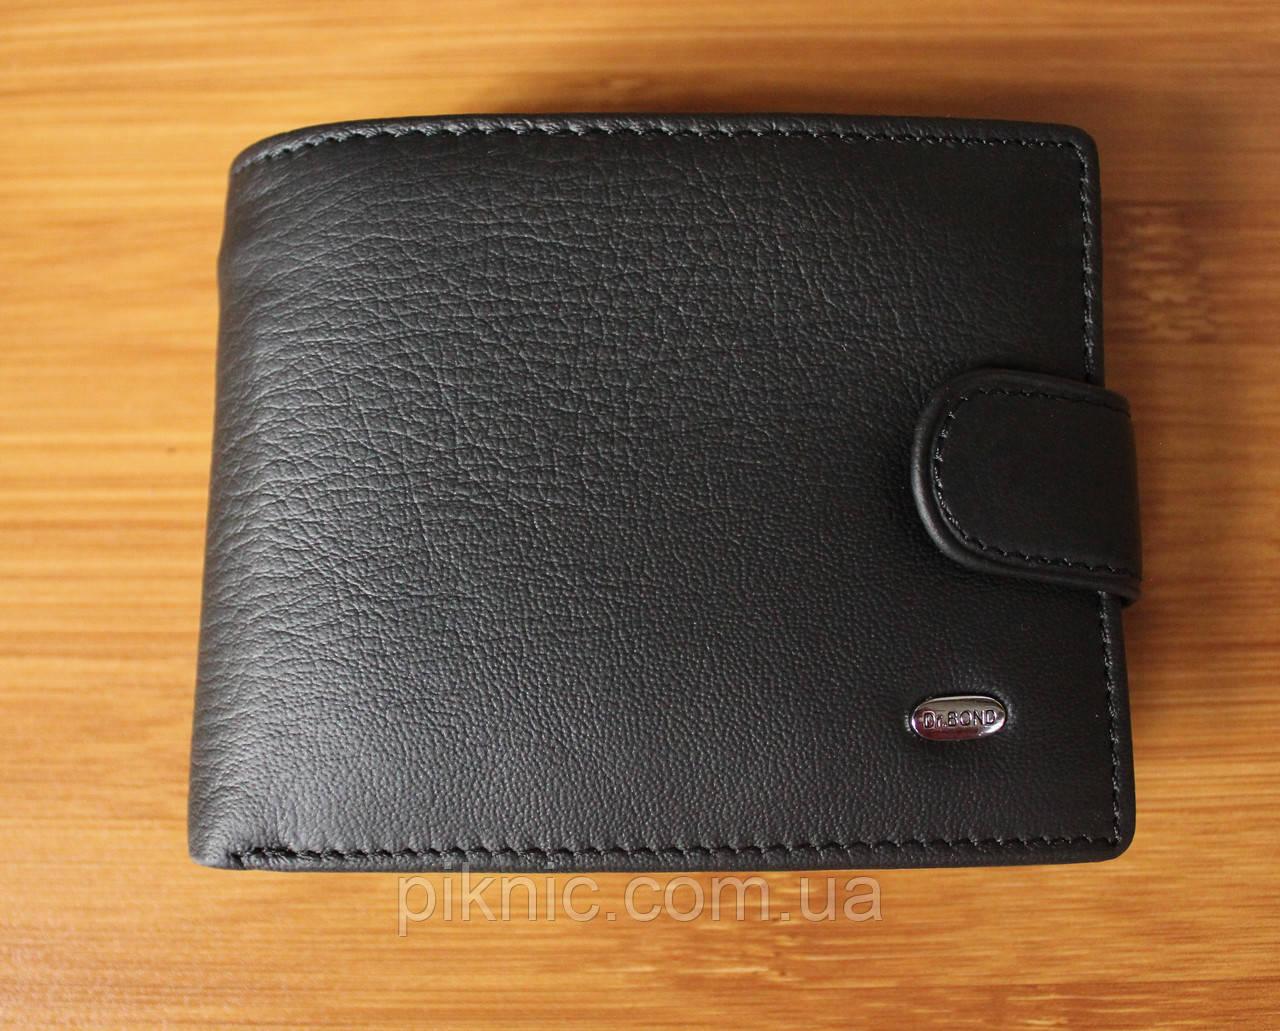 Компактный кожаный мужской кошелек Dr Bond. Портмоне из натуральной кожи